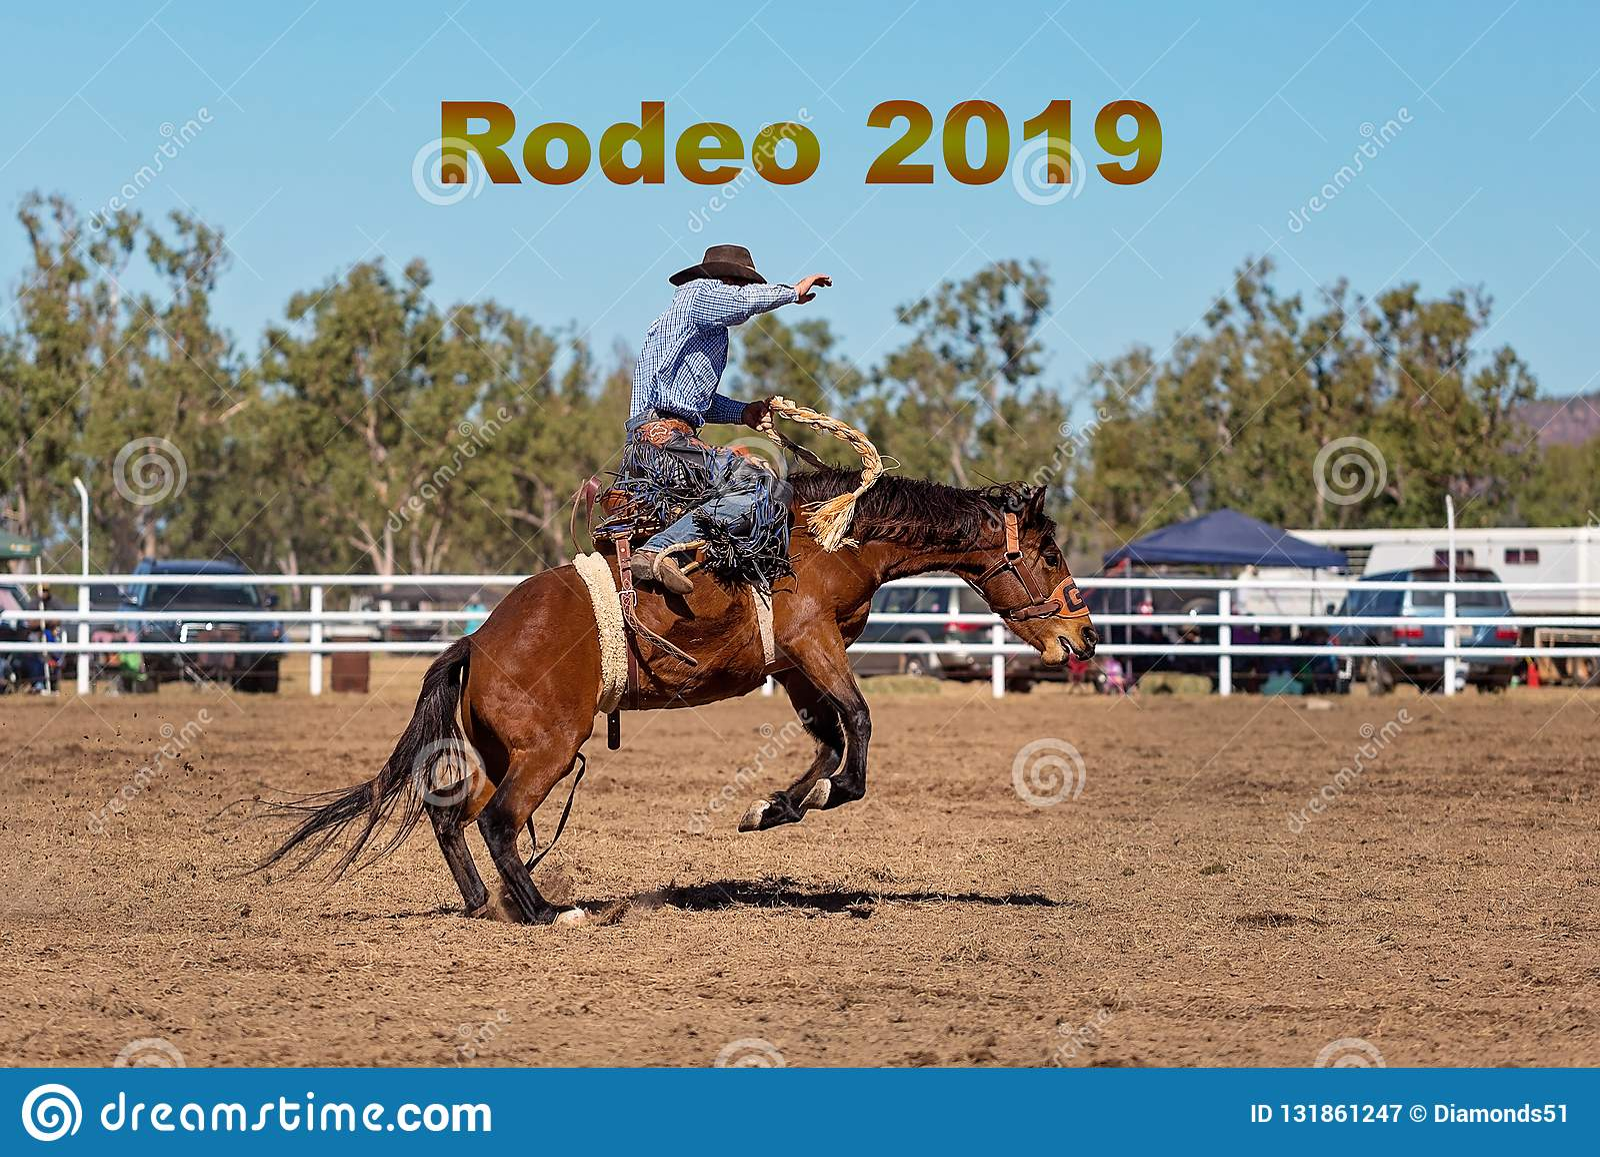 Rodeo A Cavallo.Testo Del Rodeo 2019 Cavallo Di Bronc Di Urtare Di Riding